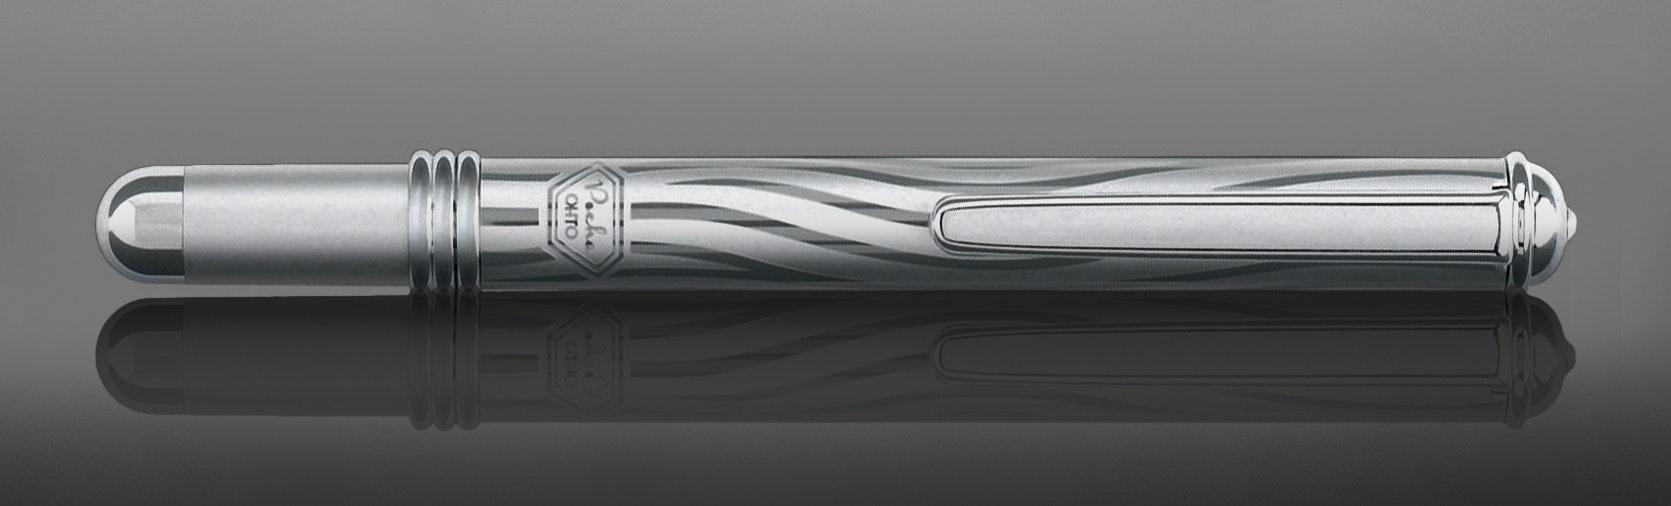 OHTO Poche Fountain Pen (2-Pack)